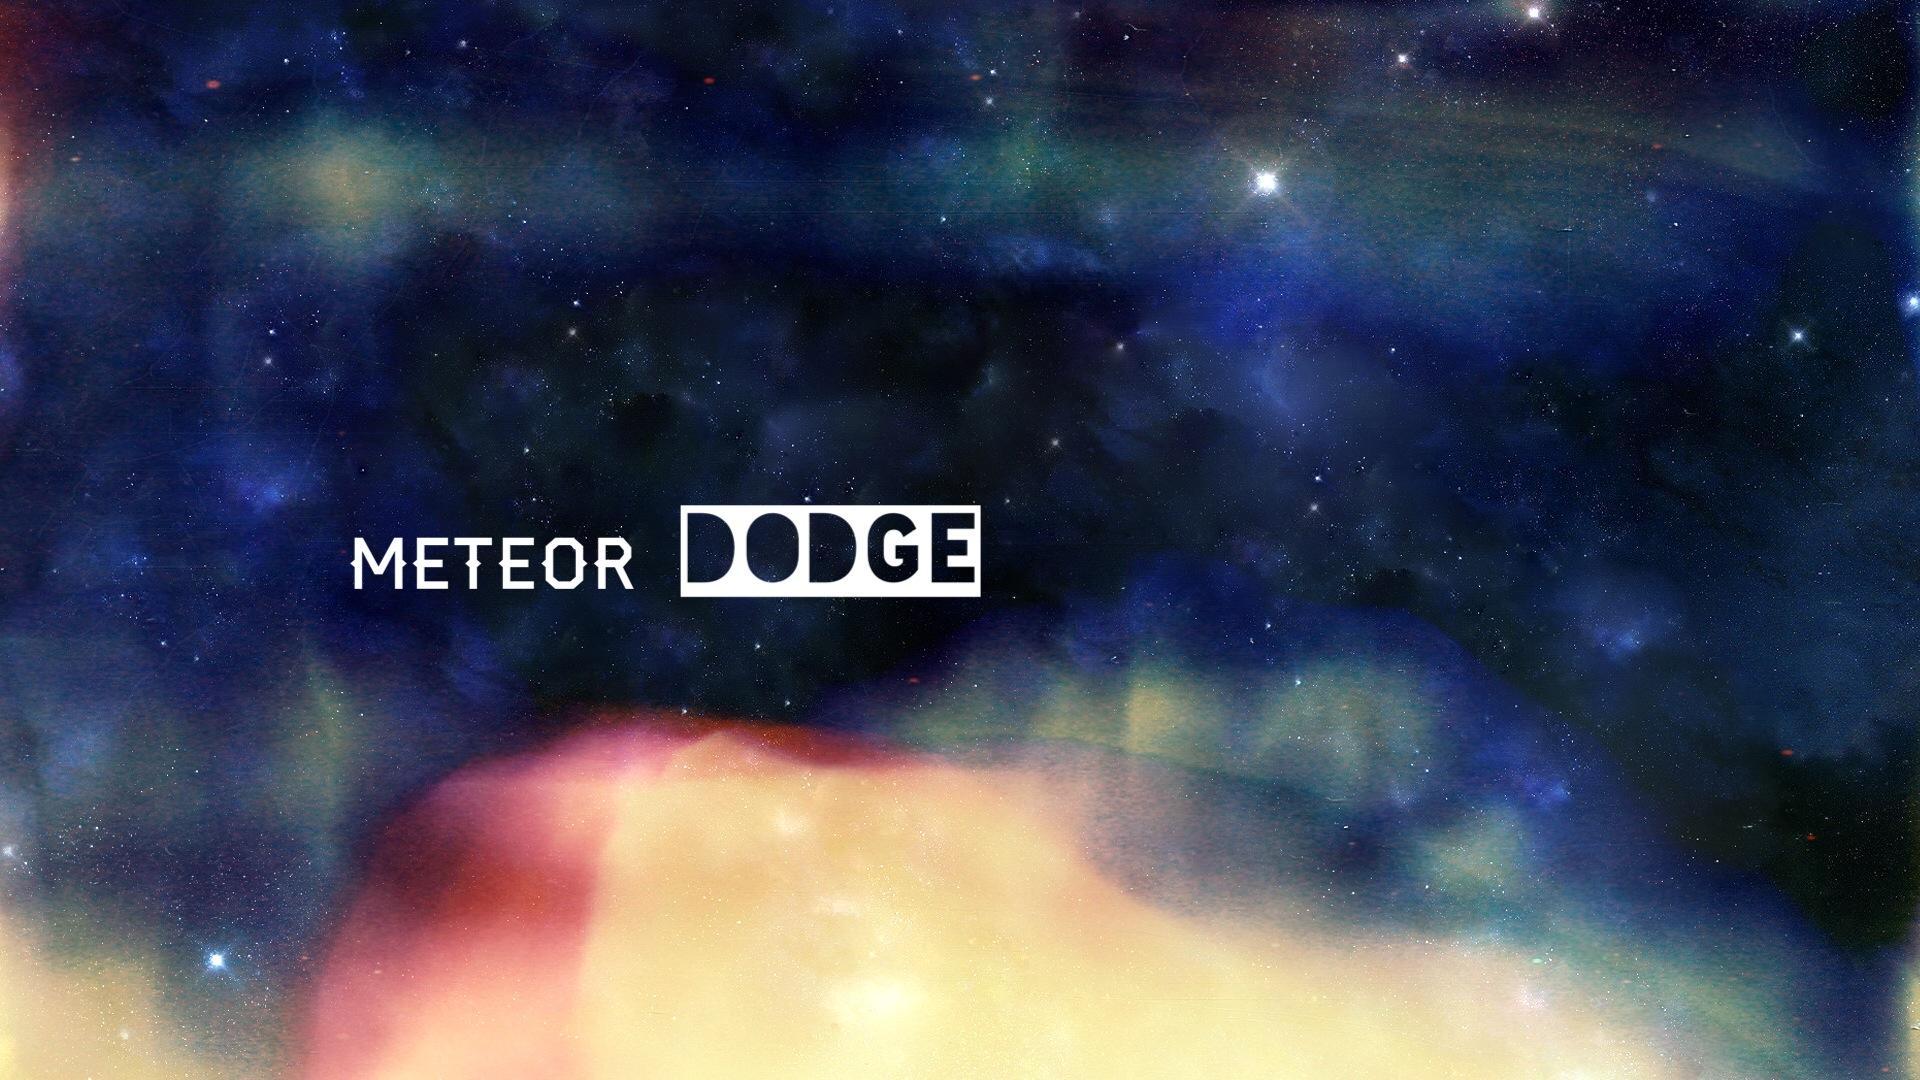 Meteor Dodge